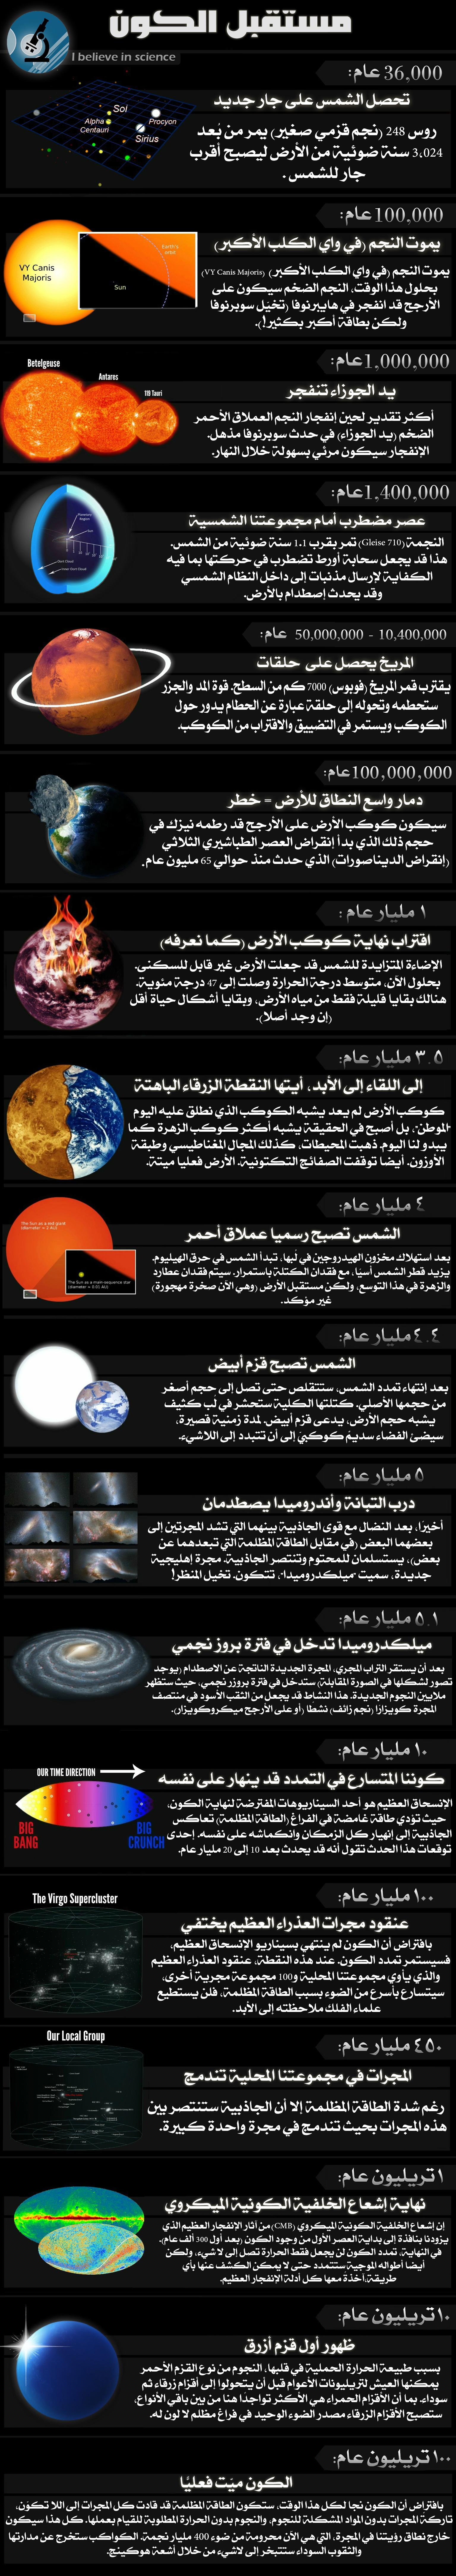 مستقبل الكون خط زمني للأحداث التي سيتعر ض لها الكون بناء على ما نعرفه حالي ا بداية من 36 ألف عام وحتى 100 تريليون عام من الآن Cosmos Infographic Universe